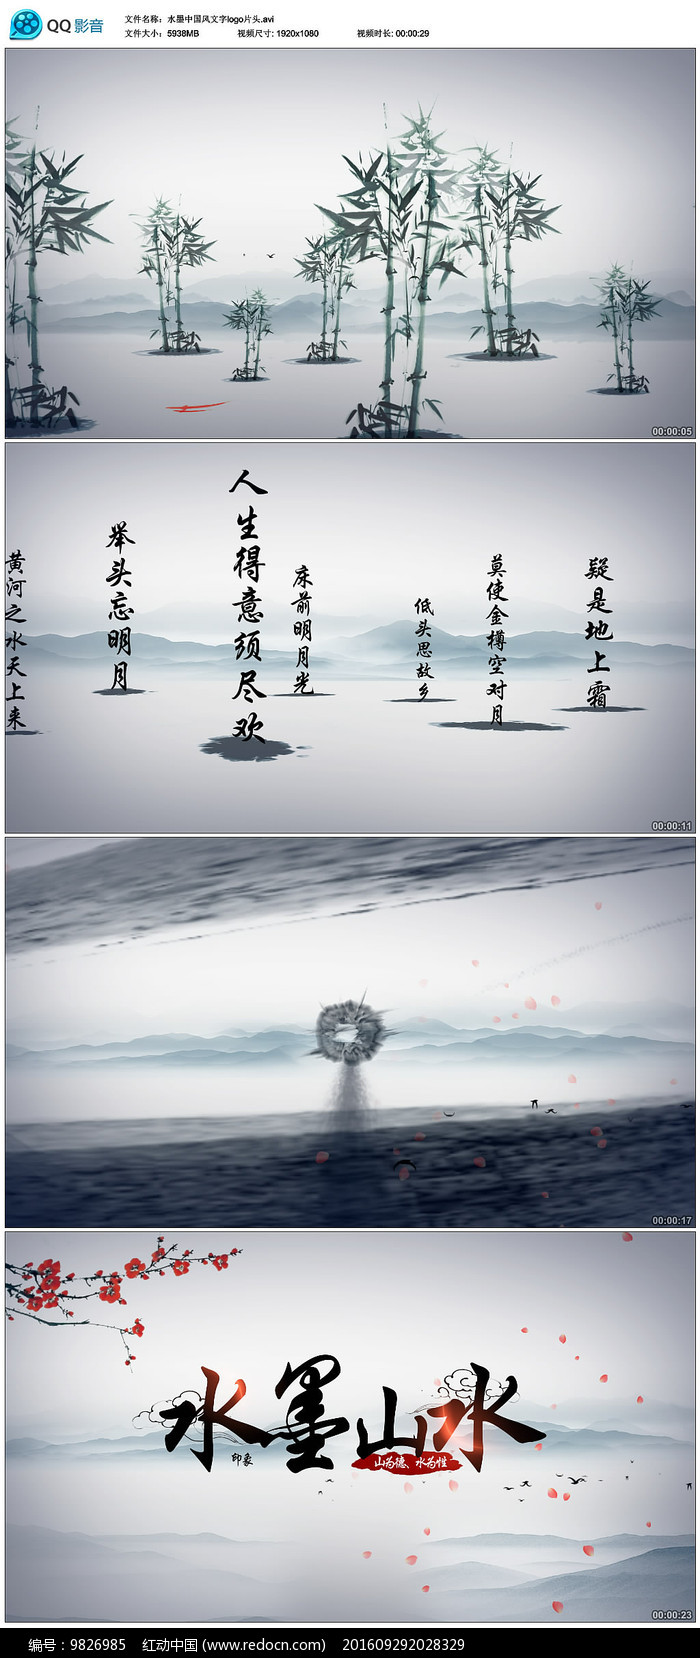 水墨中国风文字logo片头视频图片